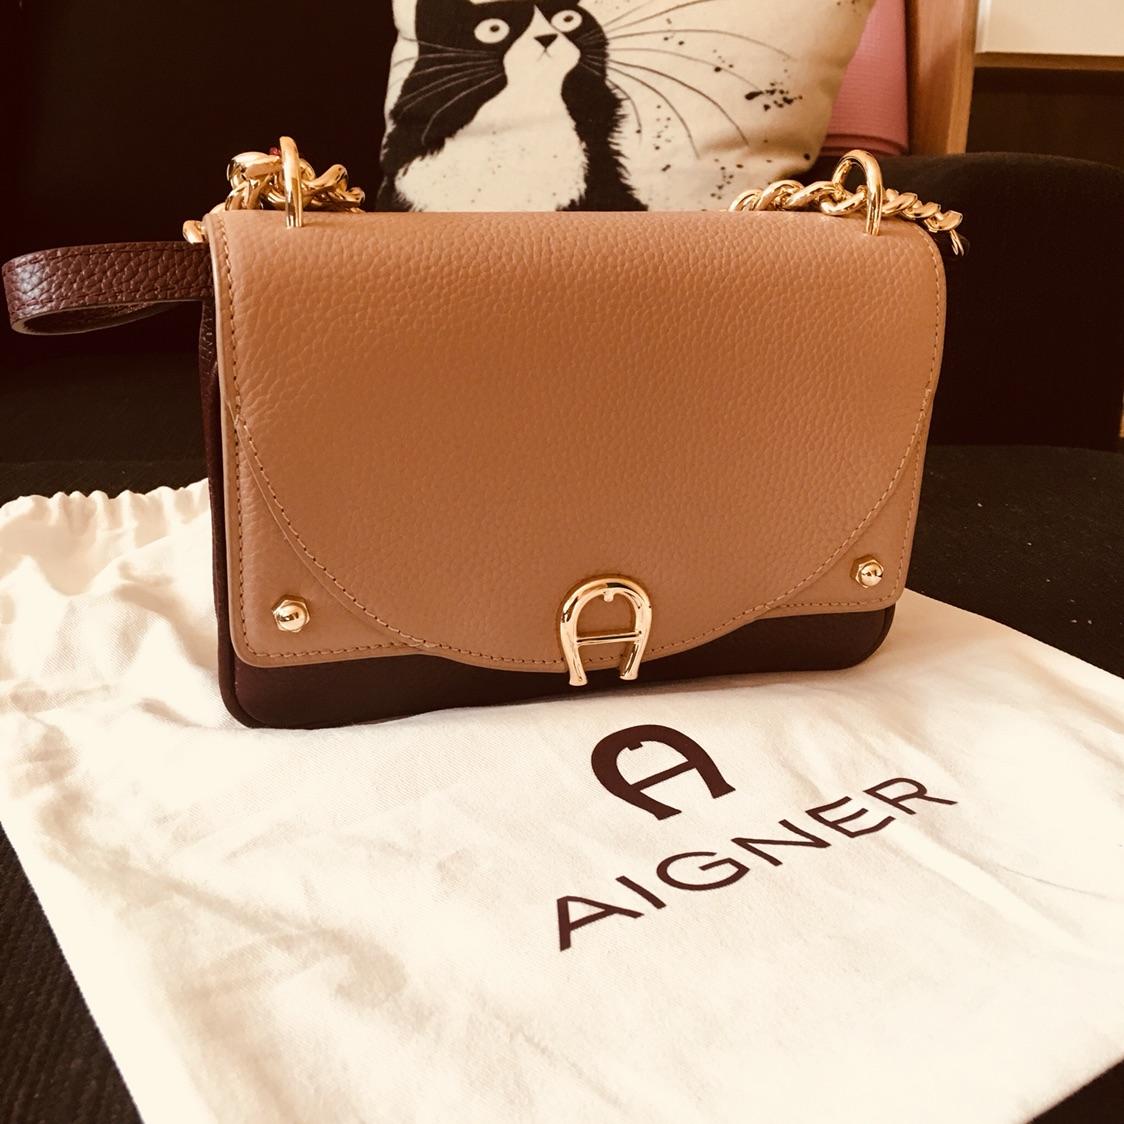 欧阳娜娜同款aigner包包279欧